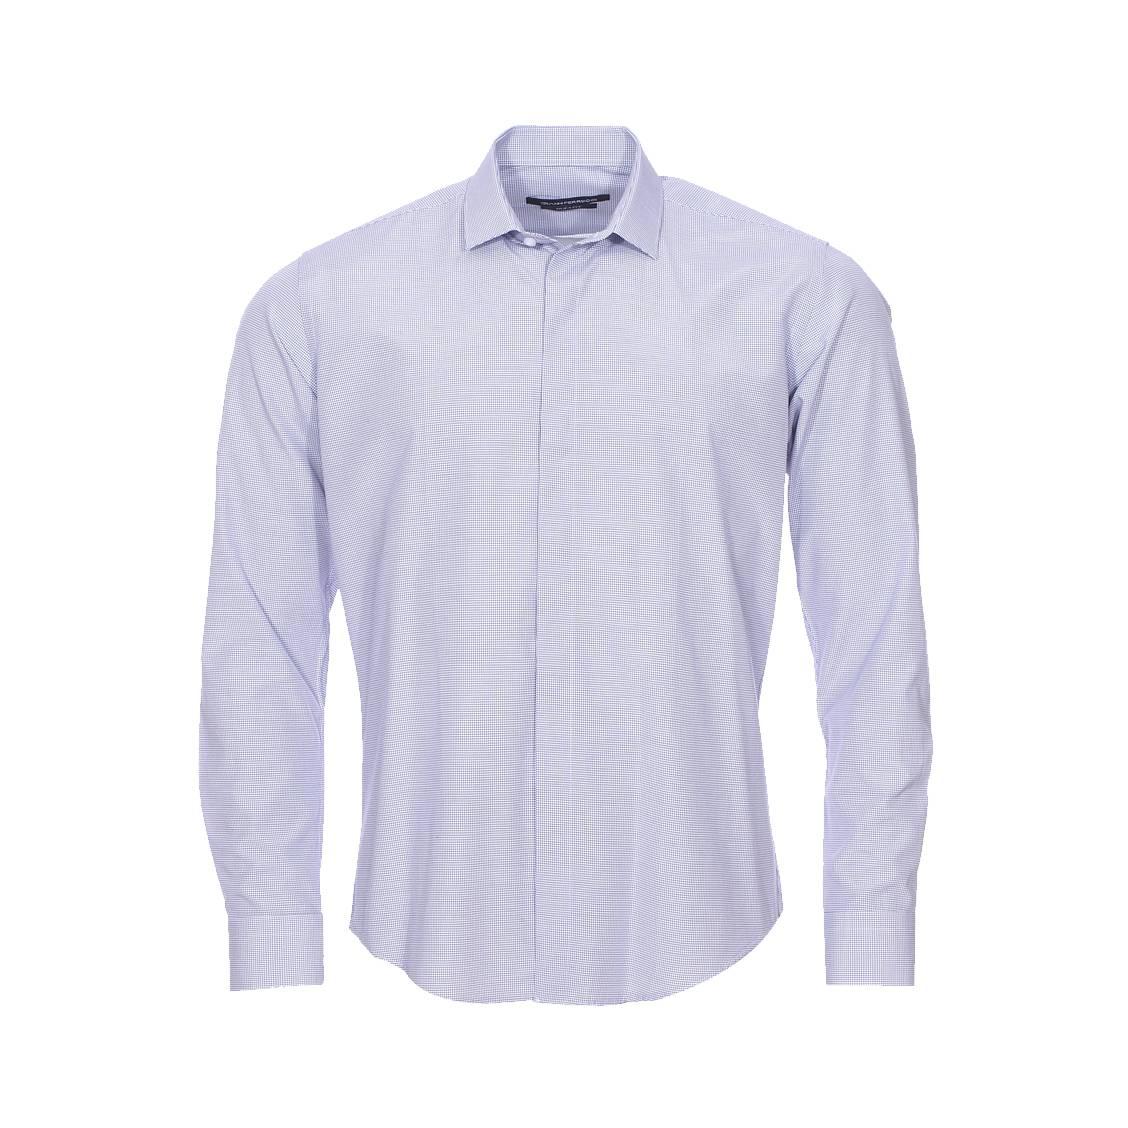 Chemise cintrée  blanche à quadrillage bleu marine